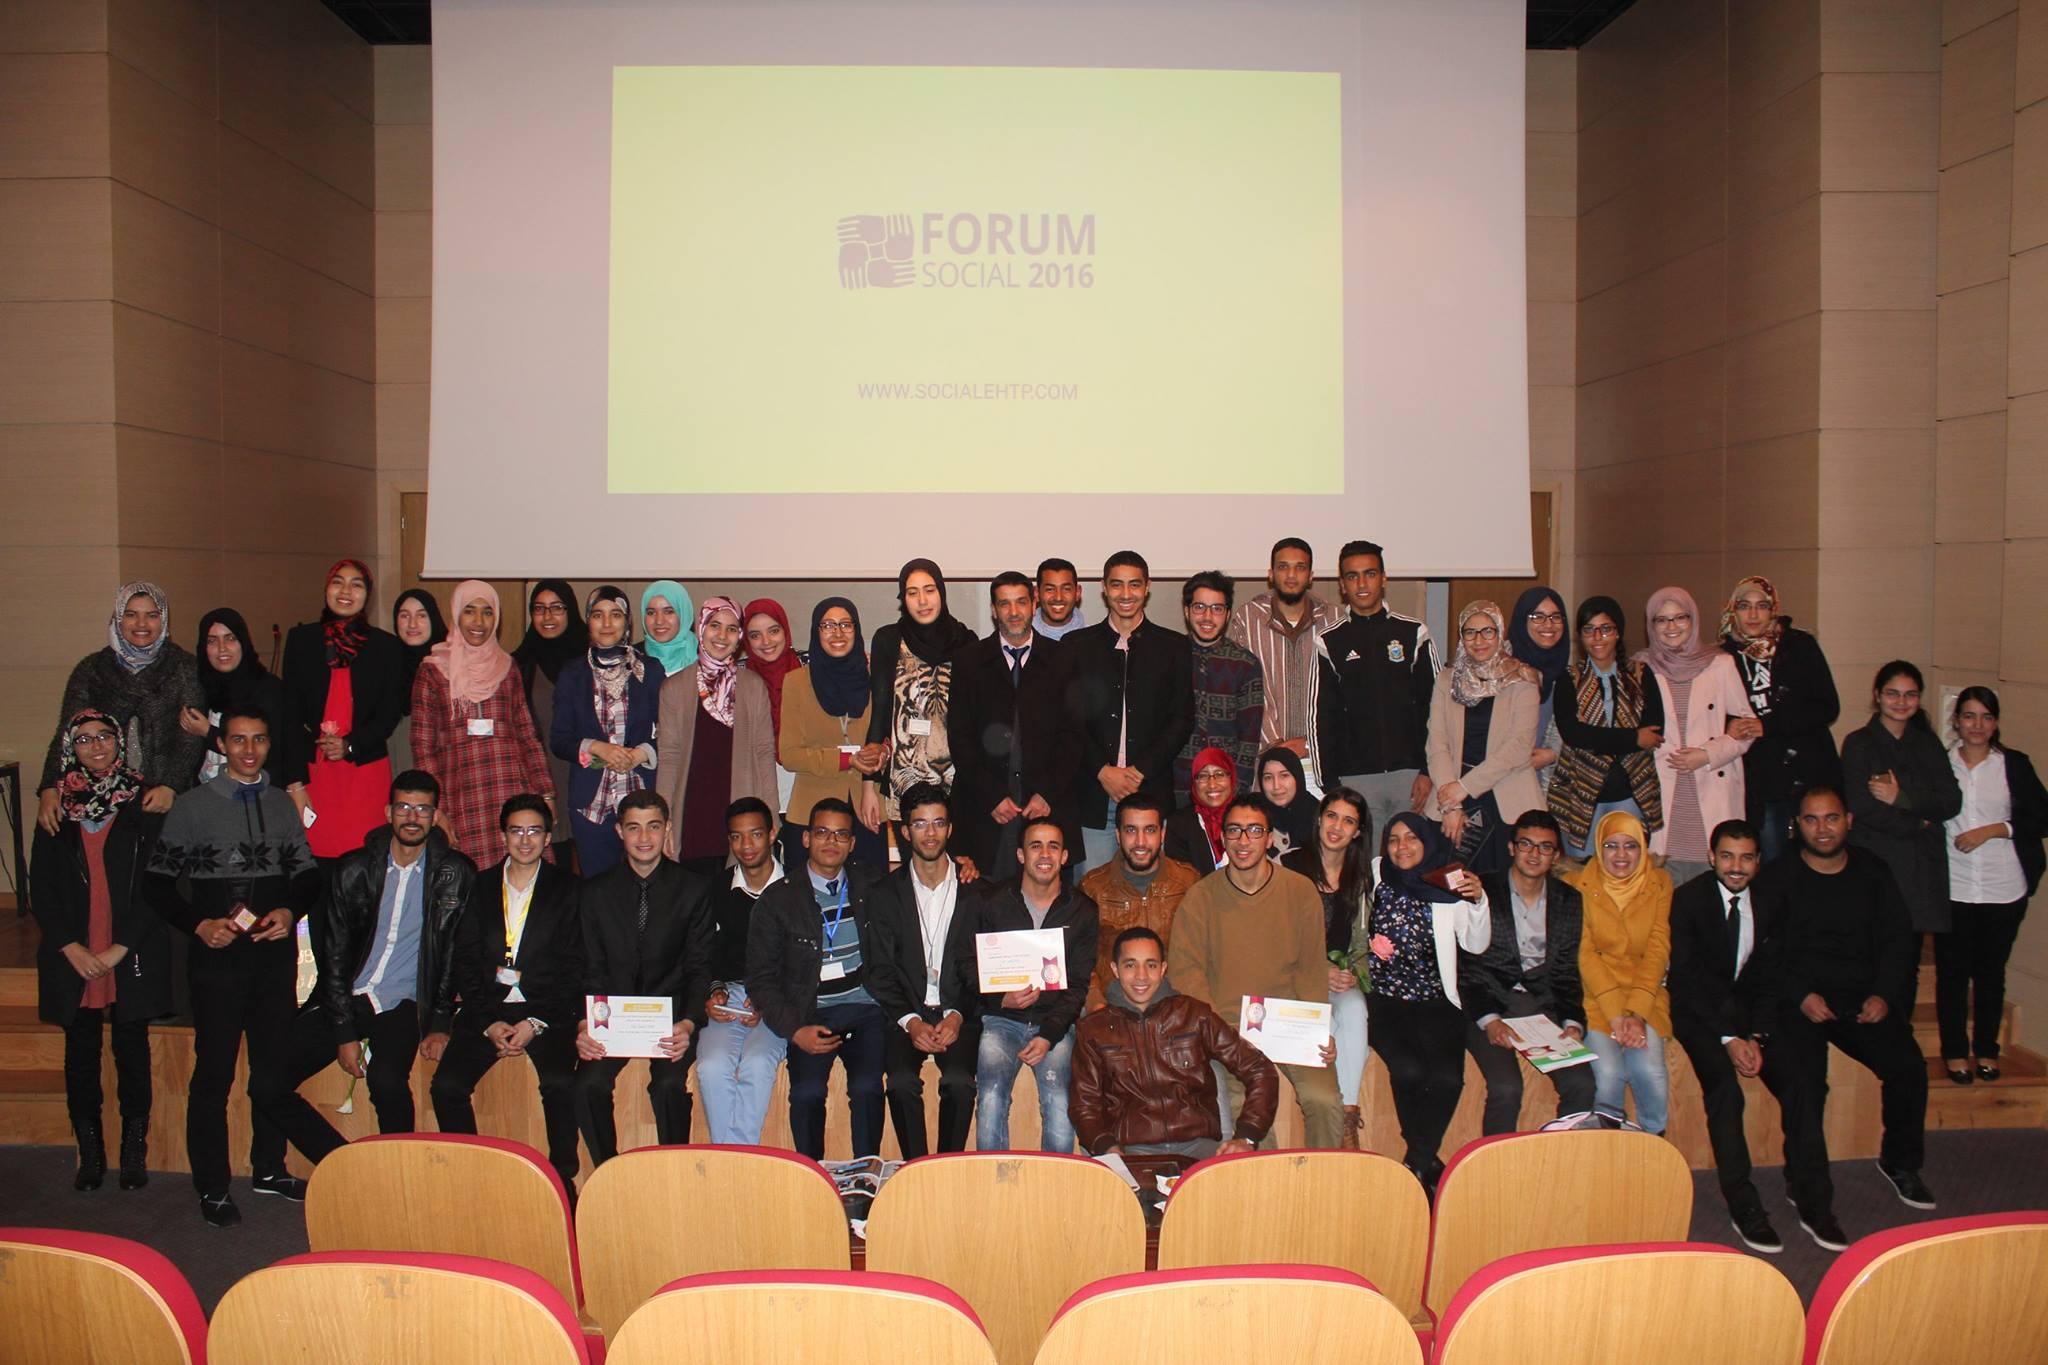 Forum des club sociaux 2016 - Club Social 2015-2016